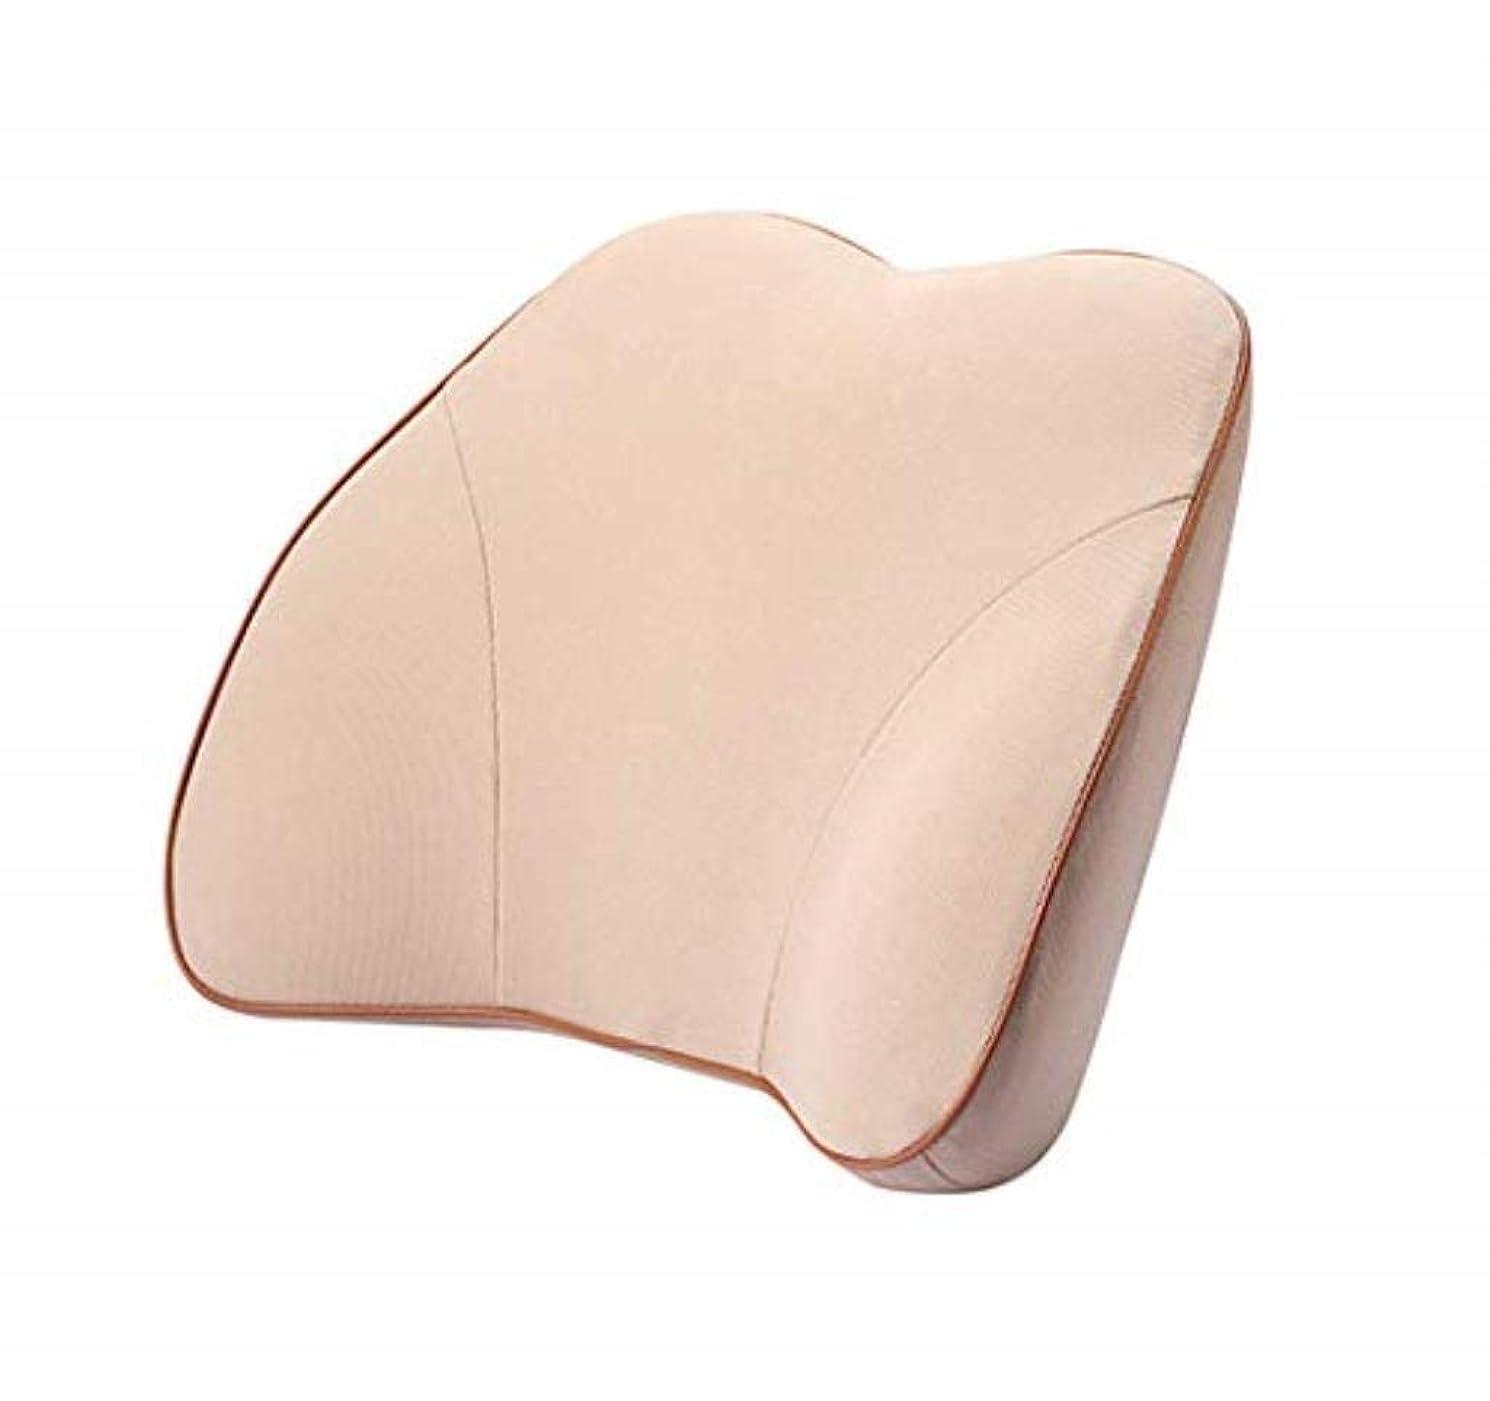 そこから後ろ、背後、背面(部怒っている腰椎枕 - 100%低反発腰椎クッション - ポータブル枕 - 整形外科ウエストサポート枕 - 車のオフィスチェア - 長距離運転オフィスに適した腰痛緩和 (Color : Beige)